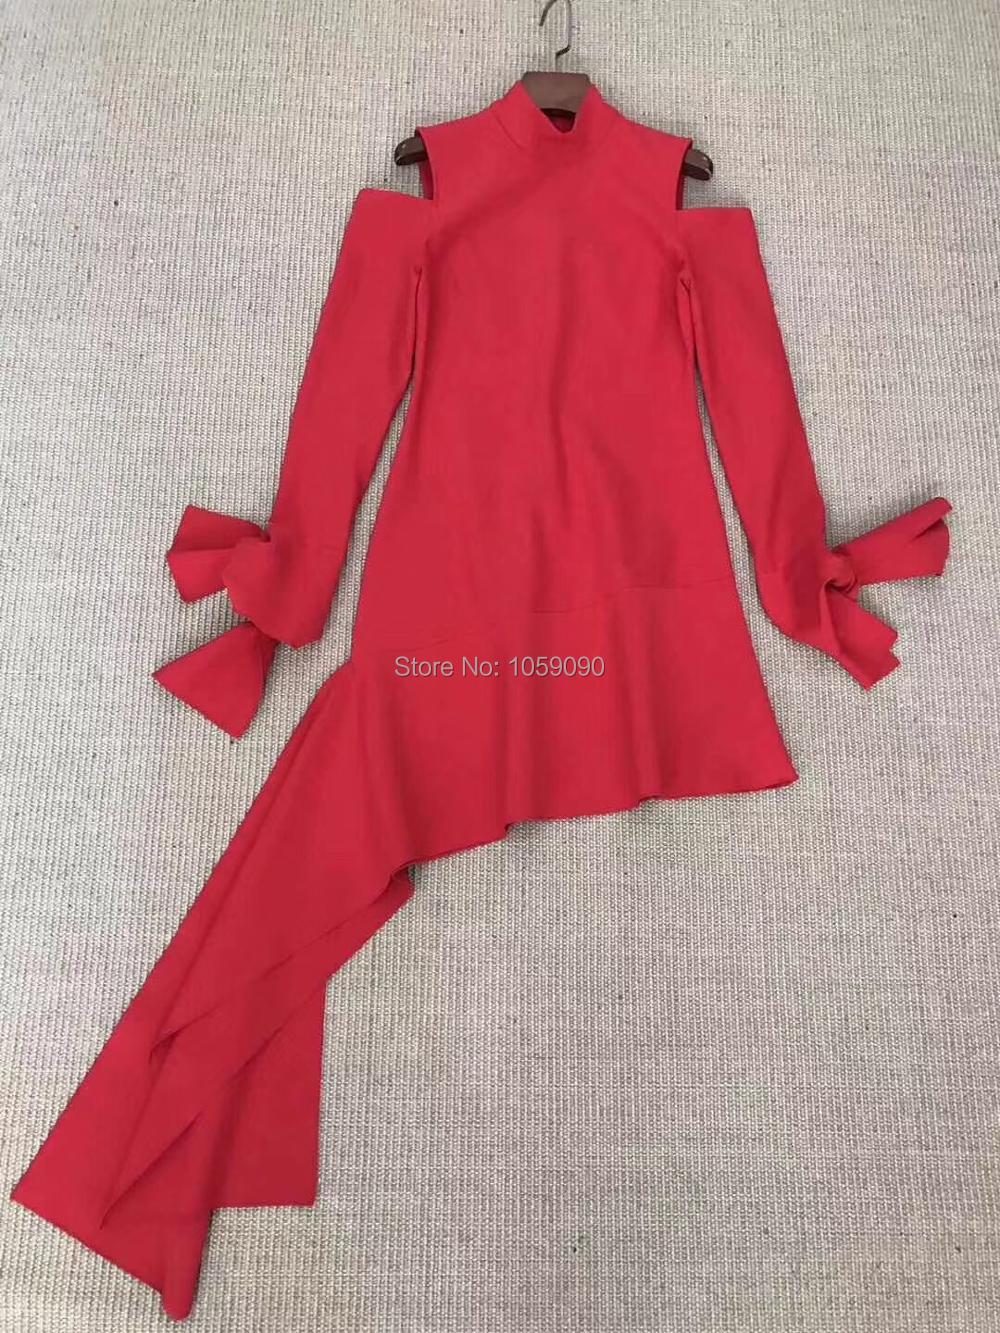 Wishbop Cut De Asymétrique Autres Black red Rouge Design Midi Mode 2018 Décolleté red Robe Noir Haut Nouveau Longues Mini Épaule Mini Out Mince Manches r7wqpr